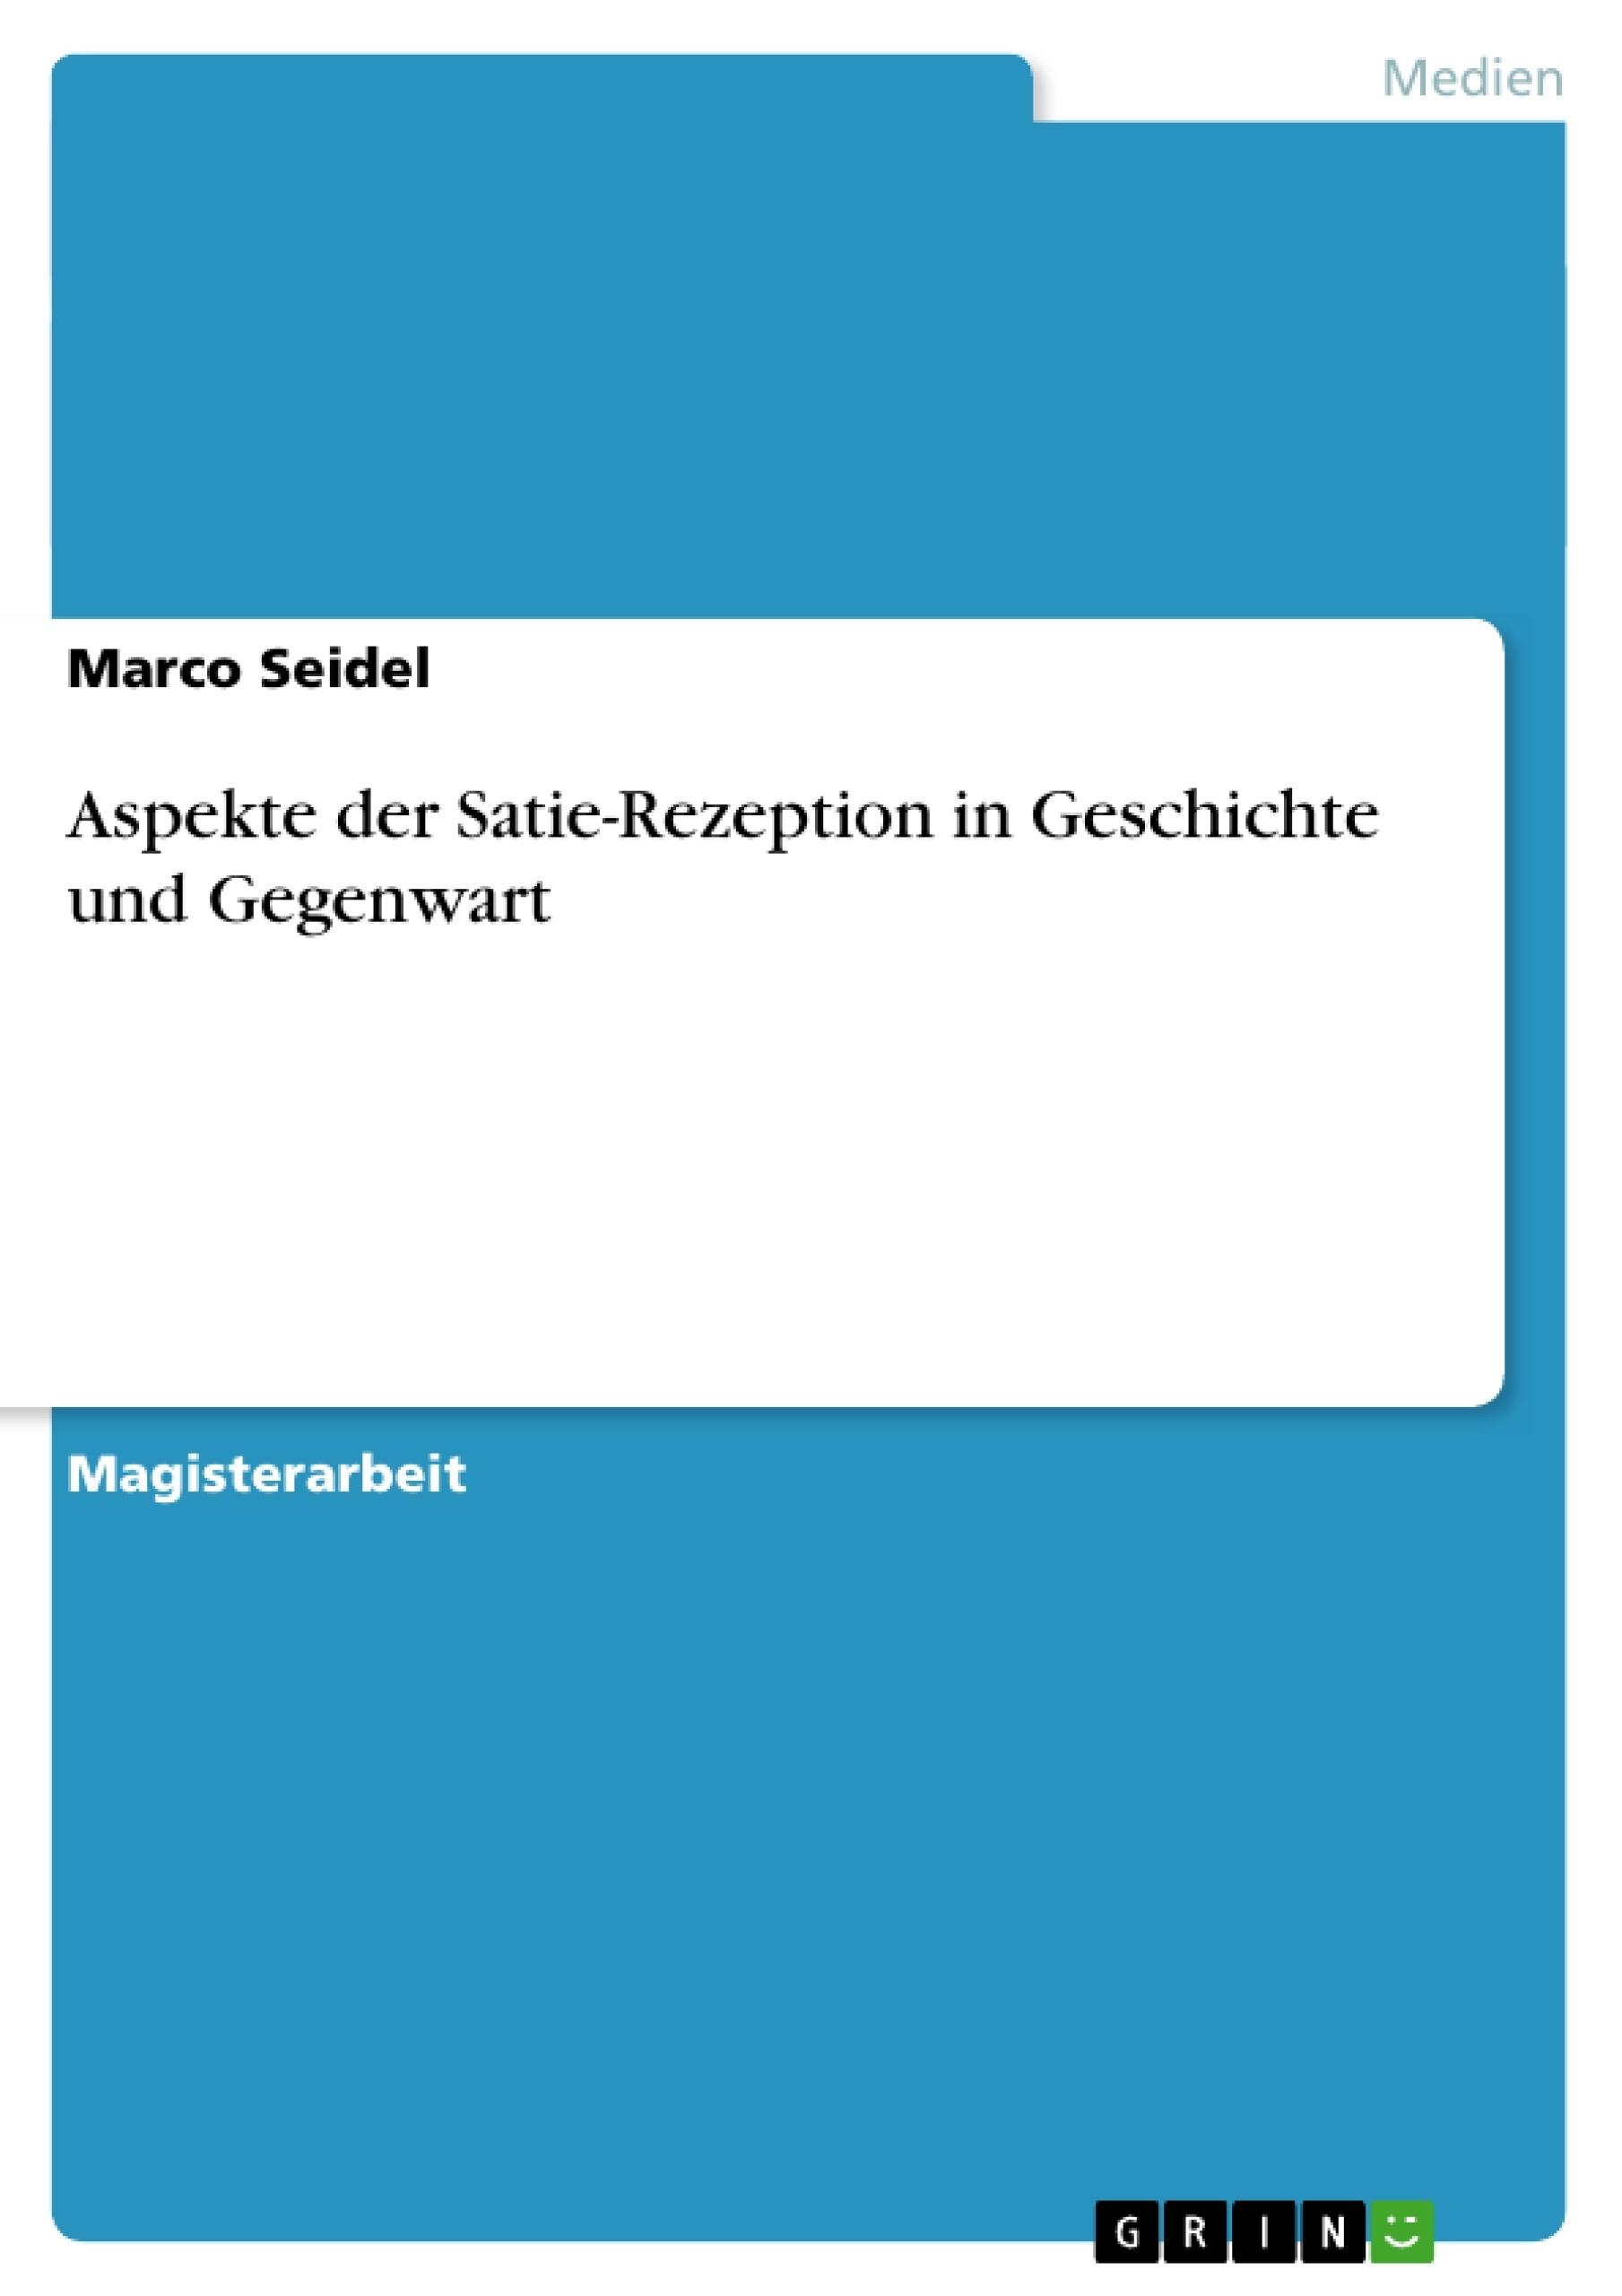 Titel: Aspekte der Satie-Rezeption in Geschichte und Gegenwart